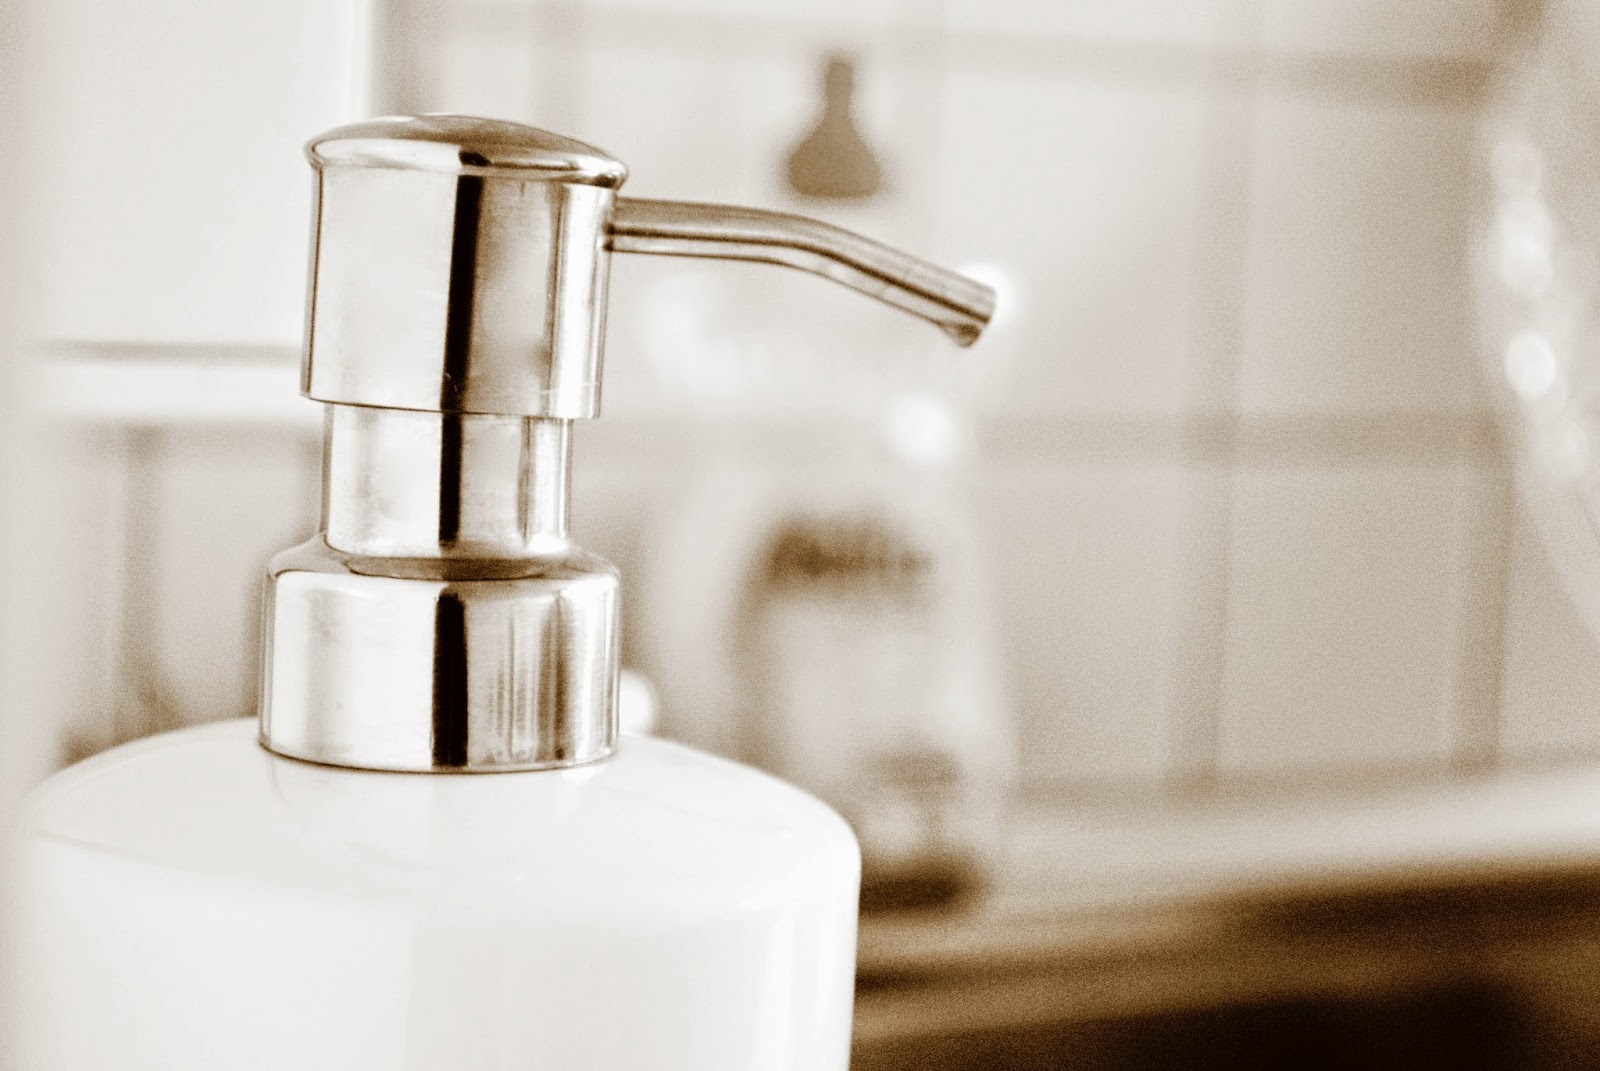 Aufbewahrung Küche - Seifenspender - Sparsam und schön!